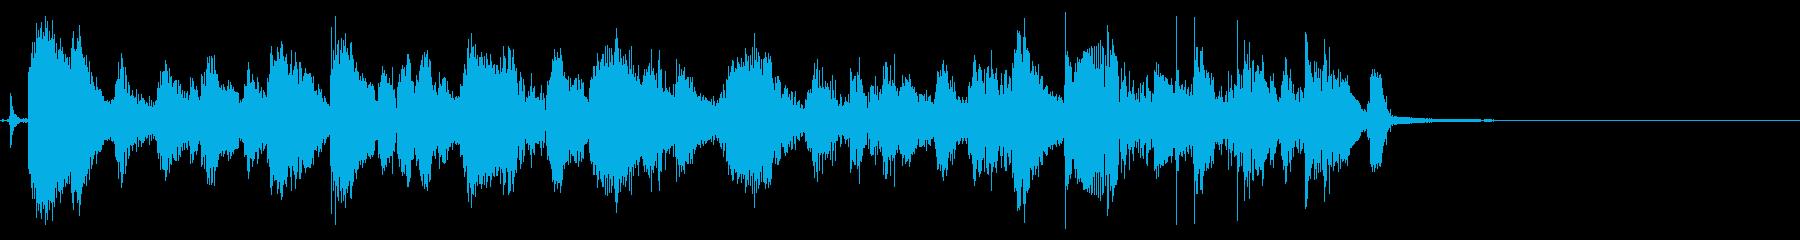 多忙なユーモアの10秒のバースト。...の再生済みの波形